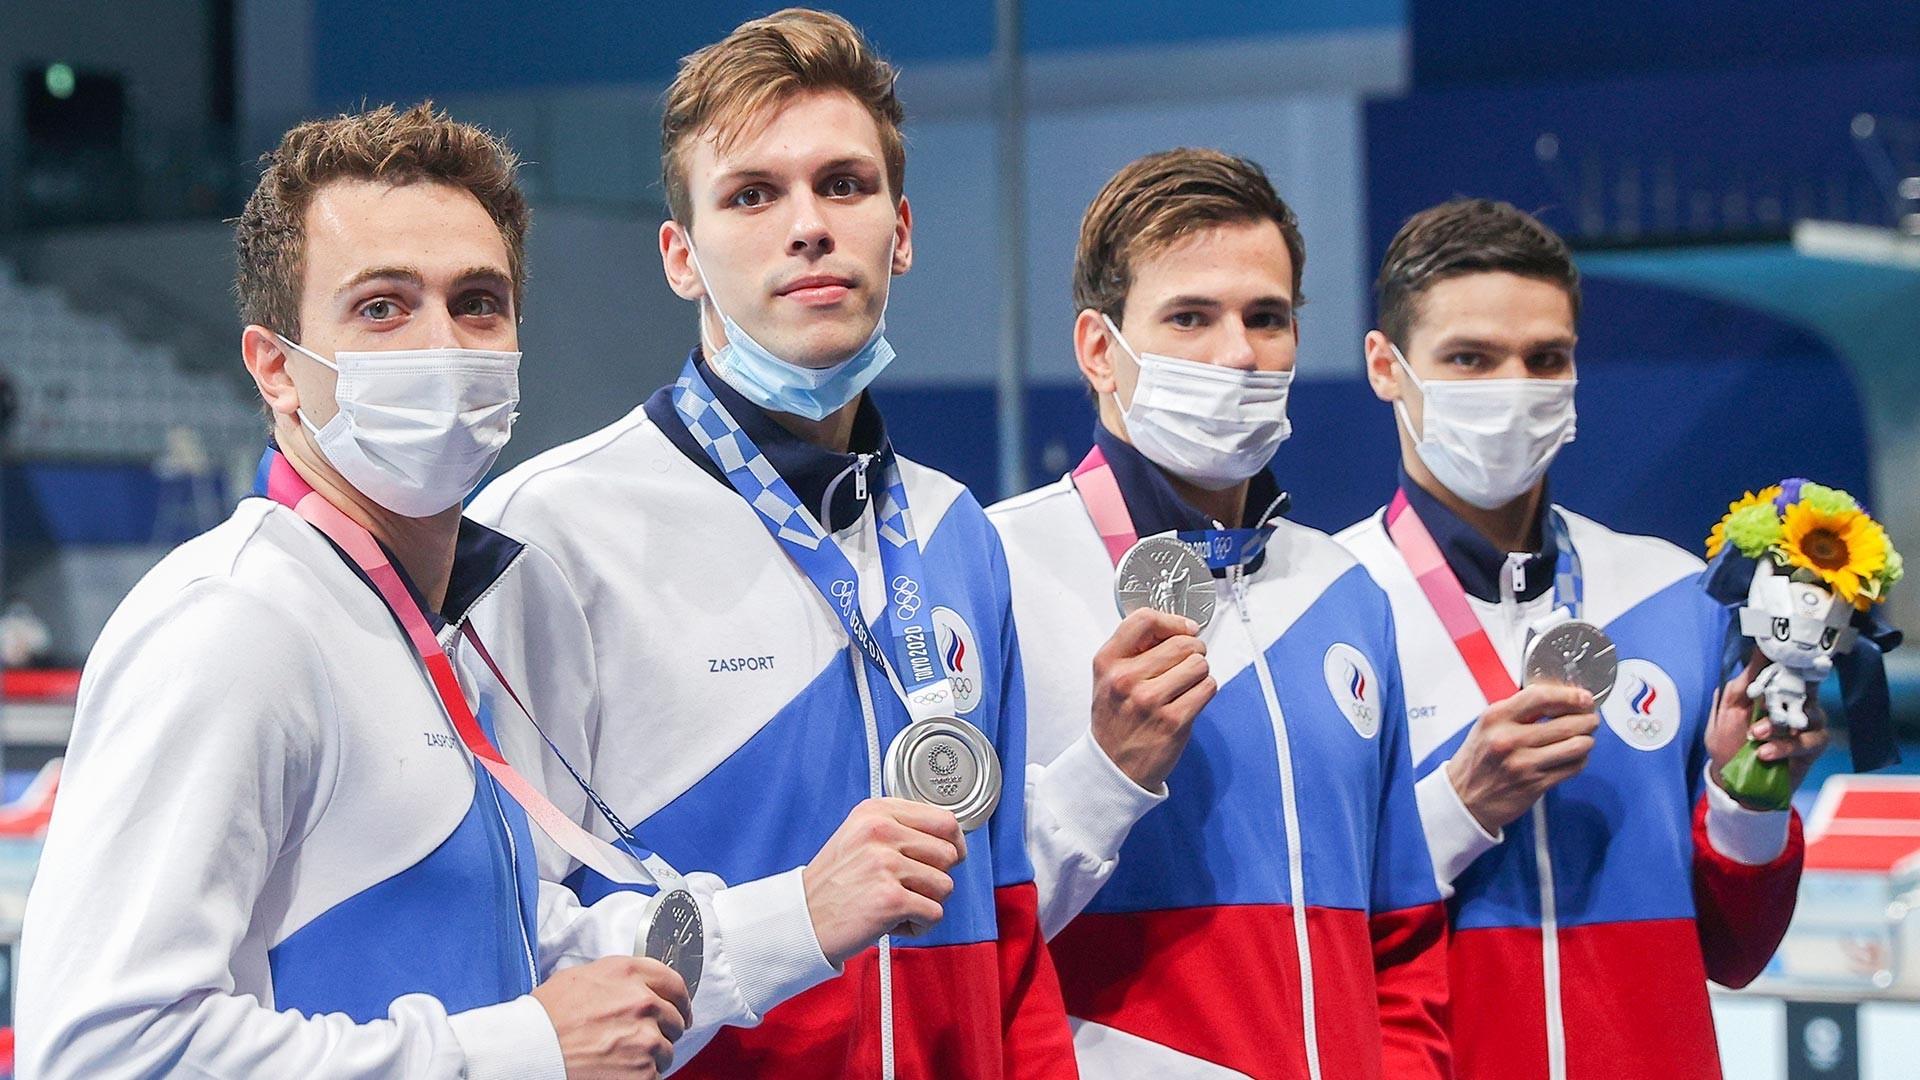 Plavalci Ruskega olimpijskega komiteja pozirajo s srebrnimi medaljami med zmagovalno slovesnostjo finala štafete v prostem slogu 4x200m za moške v Tokijskem centru za vodne športe med poletnimi olimpijskimi igrami 2020